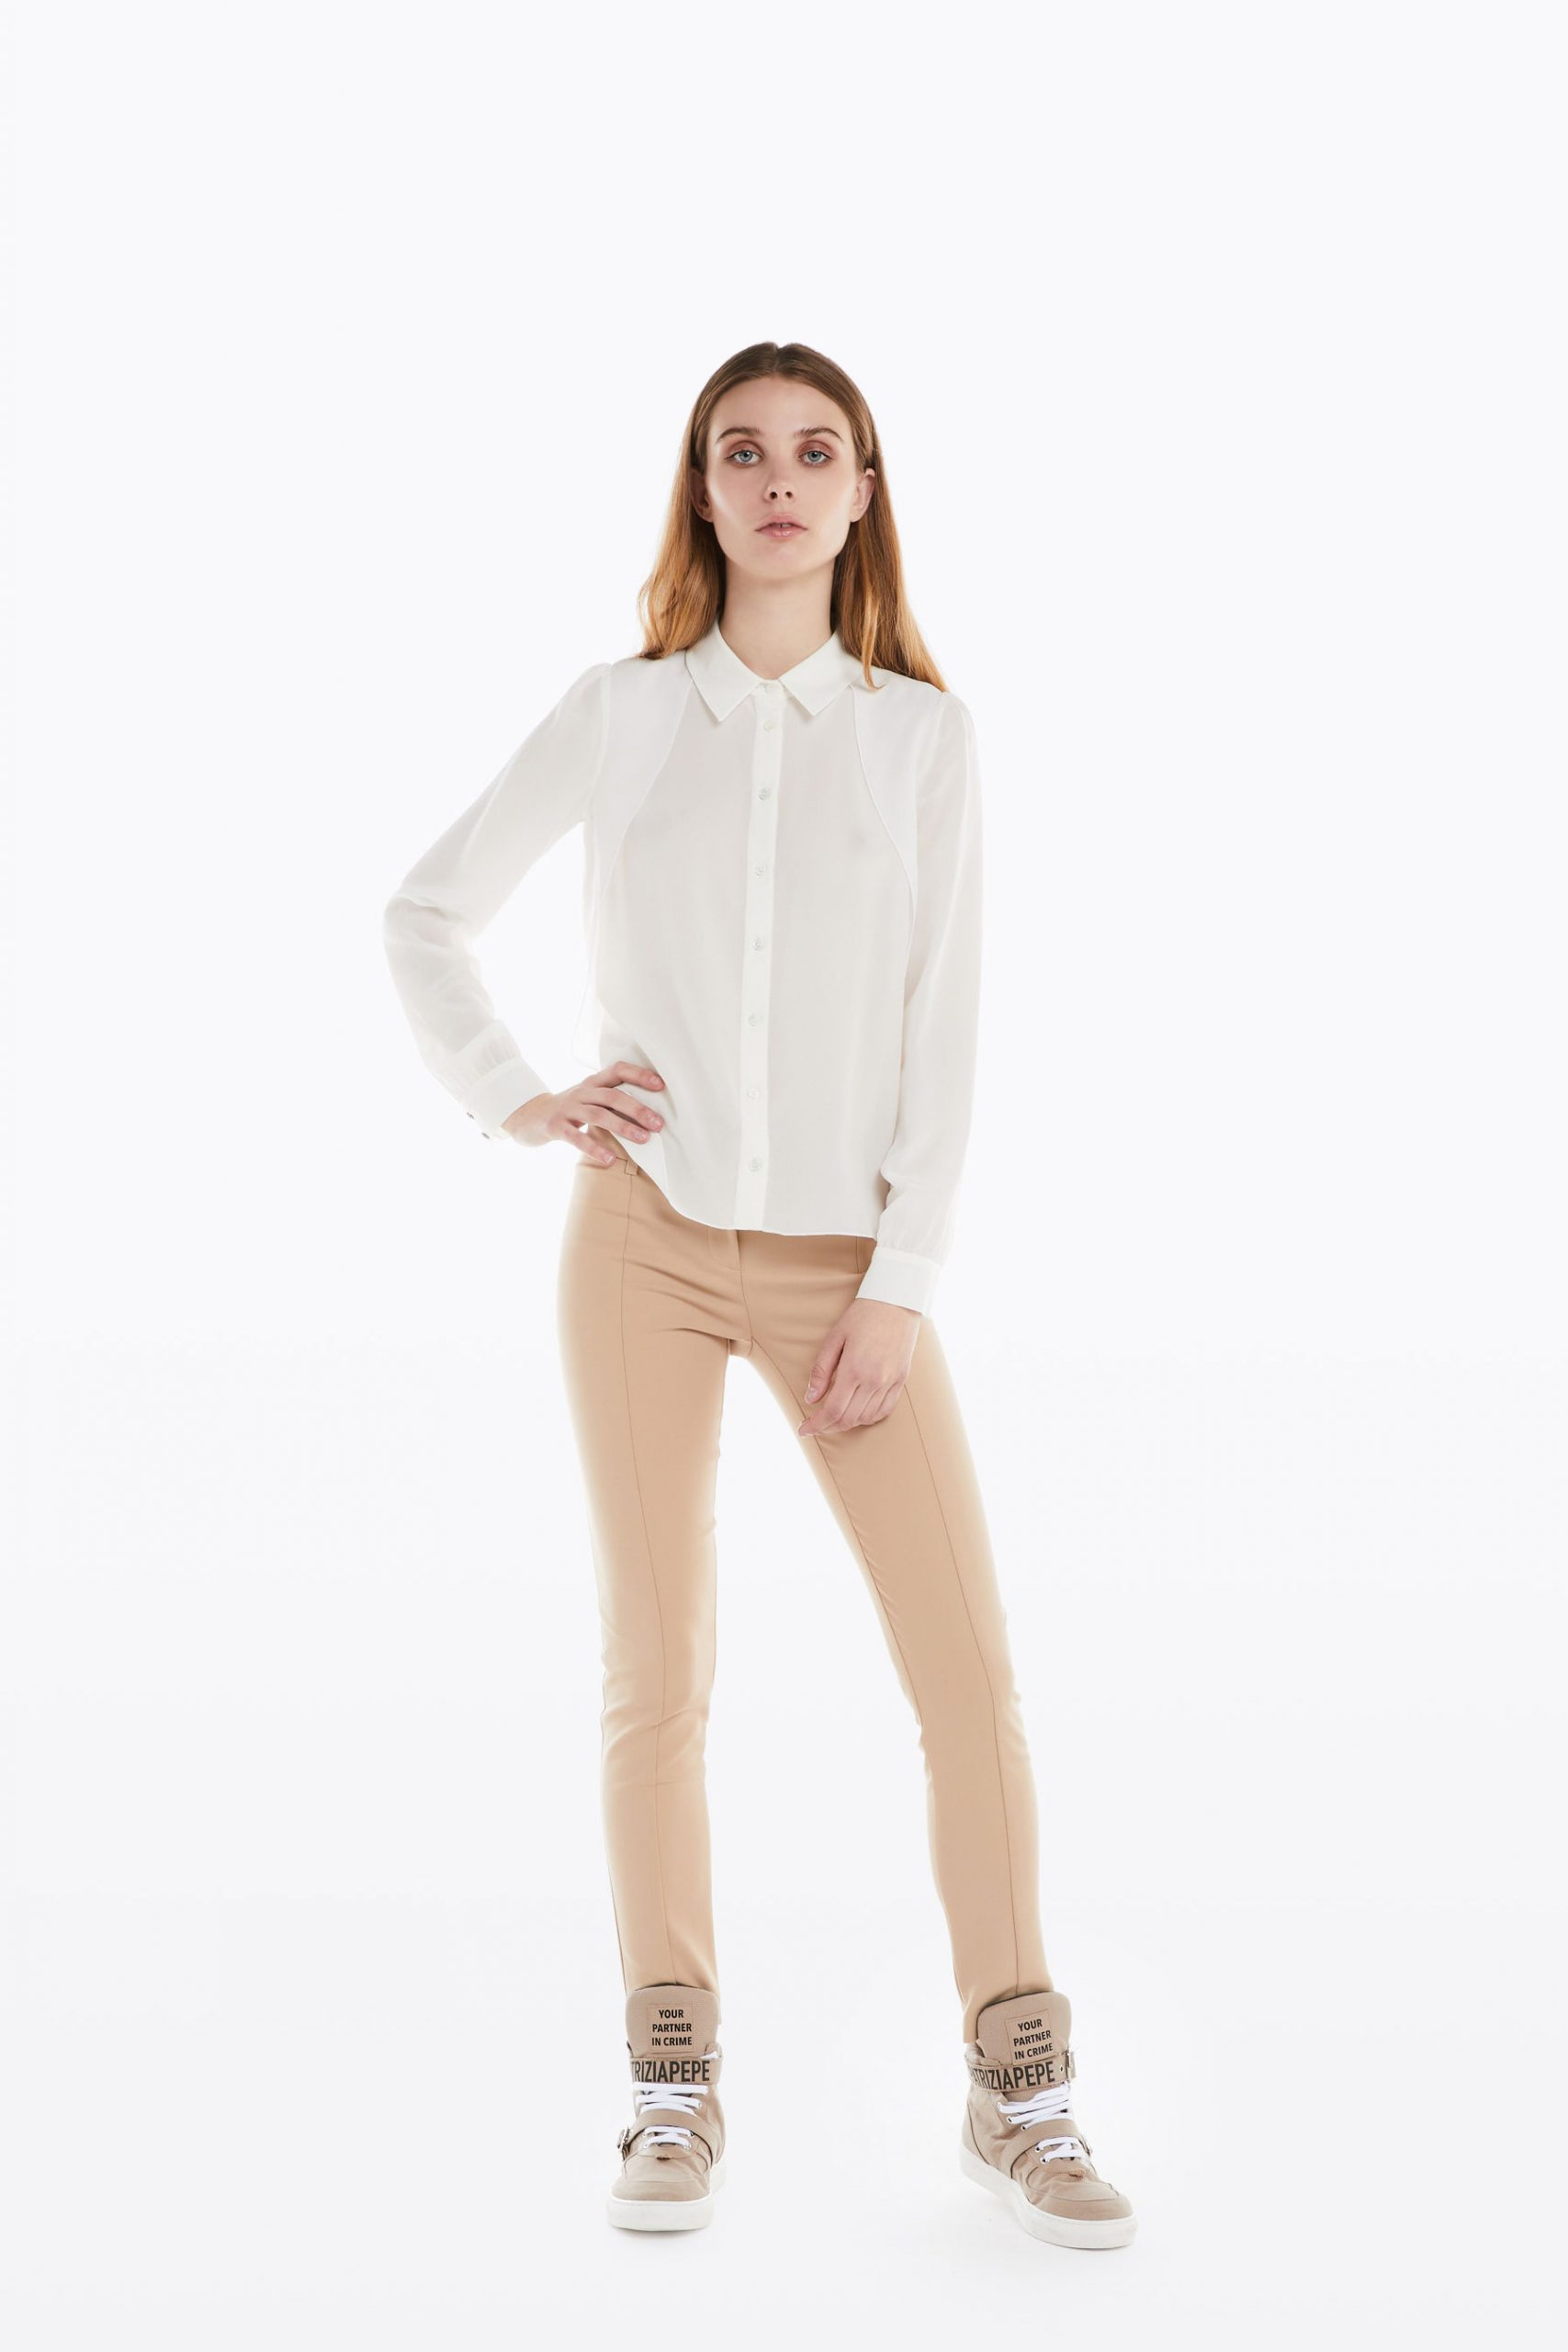 Abbigliamento Patrizia Pepe  Camicia in seta White female collezione 2020 shop the look